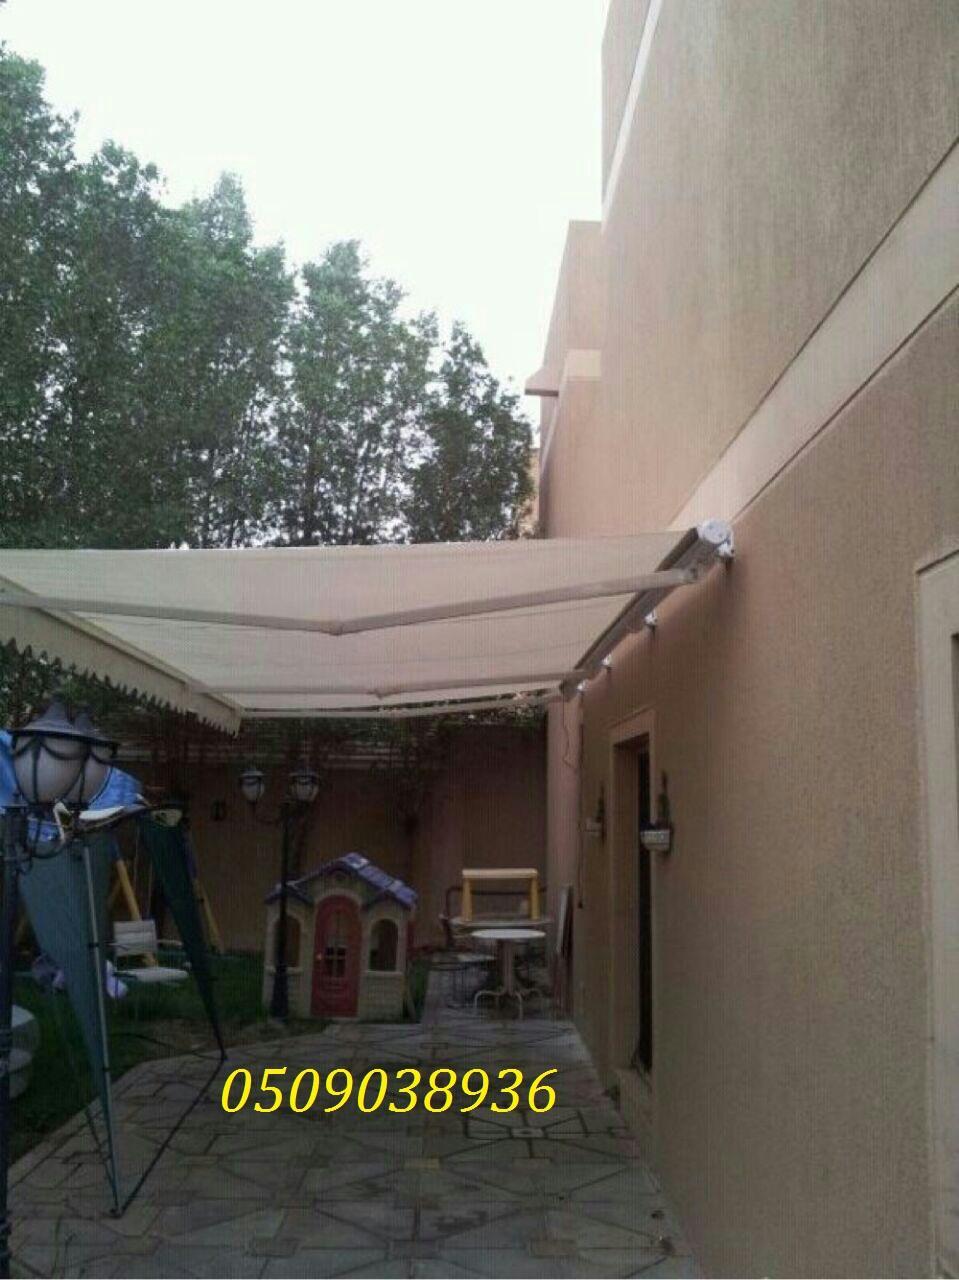 الخصومات اعمال المظلات 0509038936